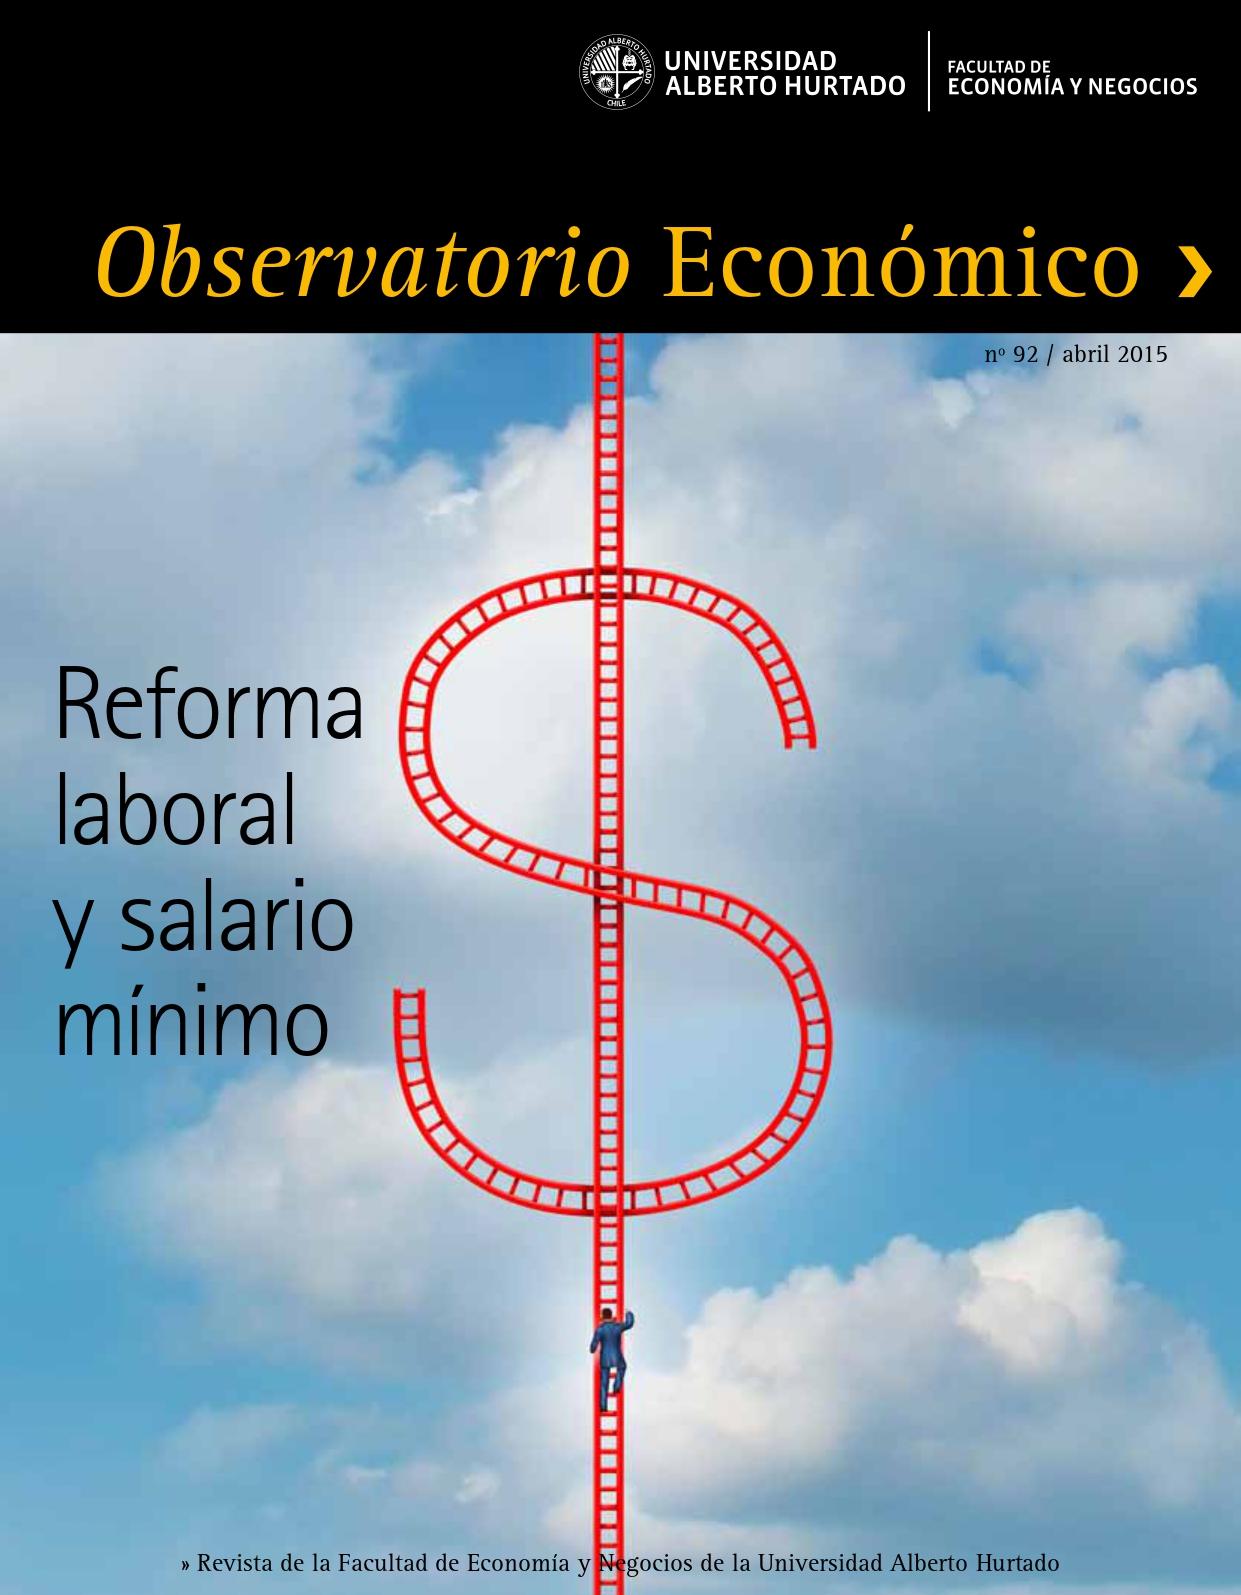 """Título del número de la revista : """"Reforma laboral y salario mínimo"""""""